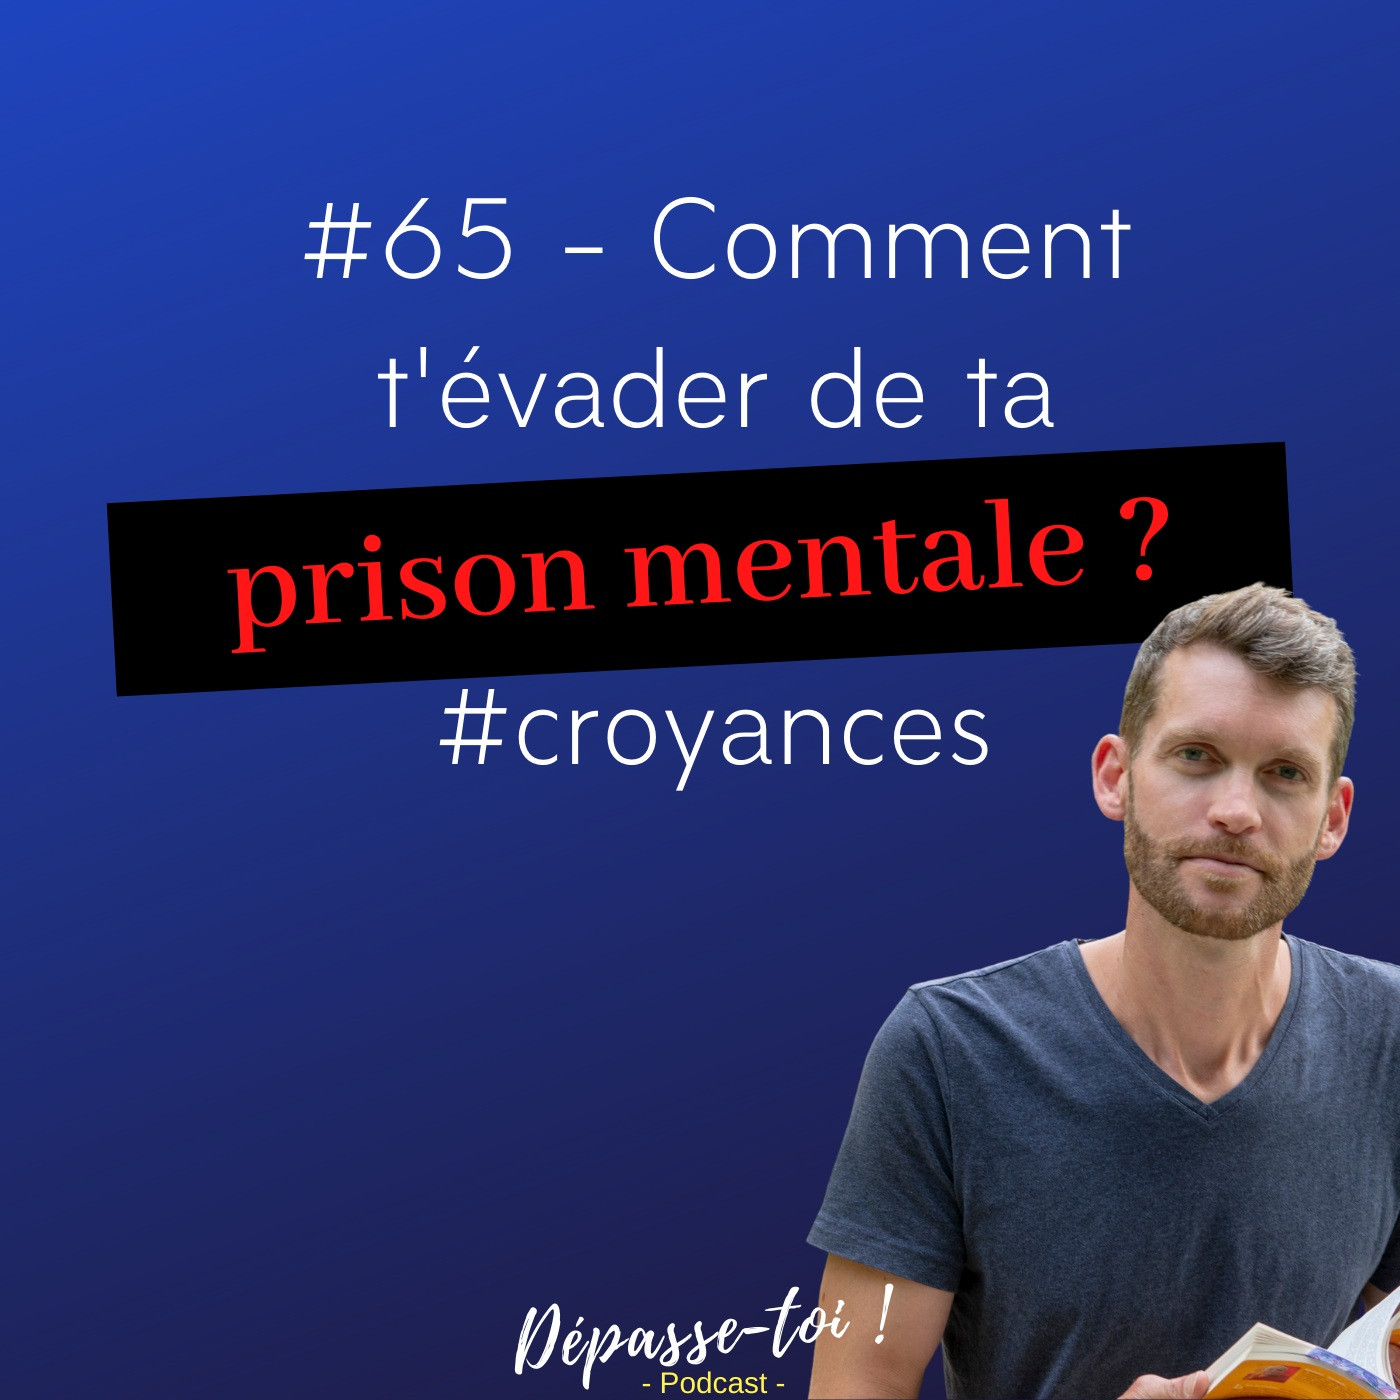 #65 - Comment t'évader de ta prison mentale ? #croyances